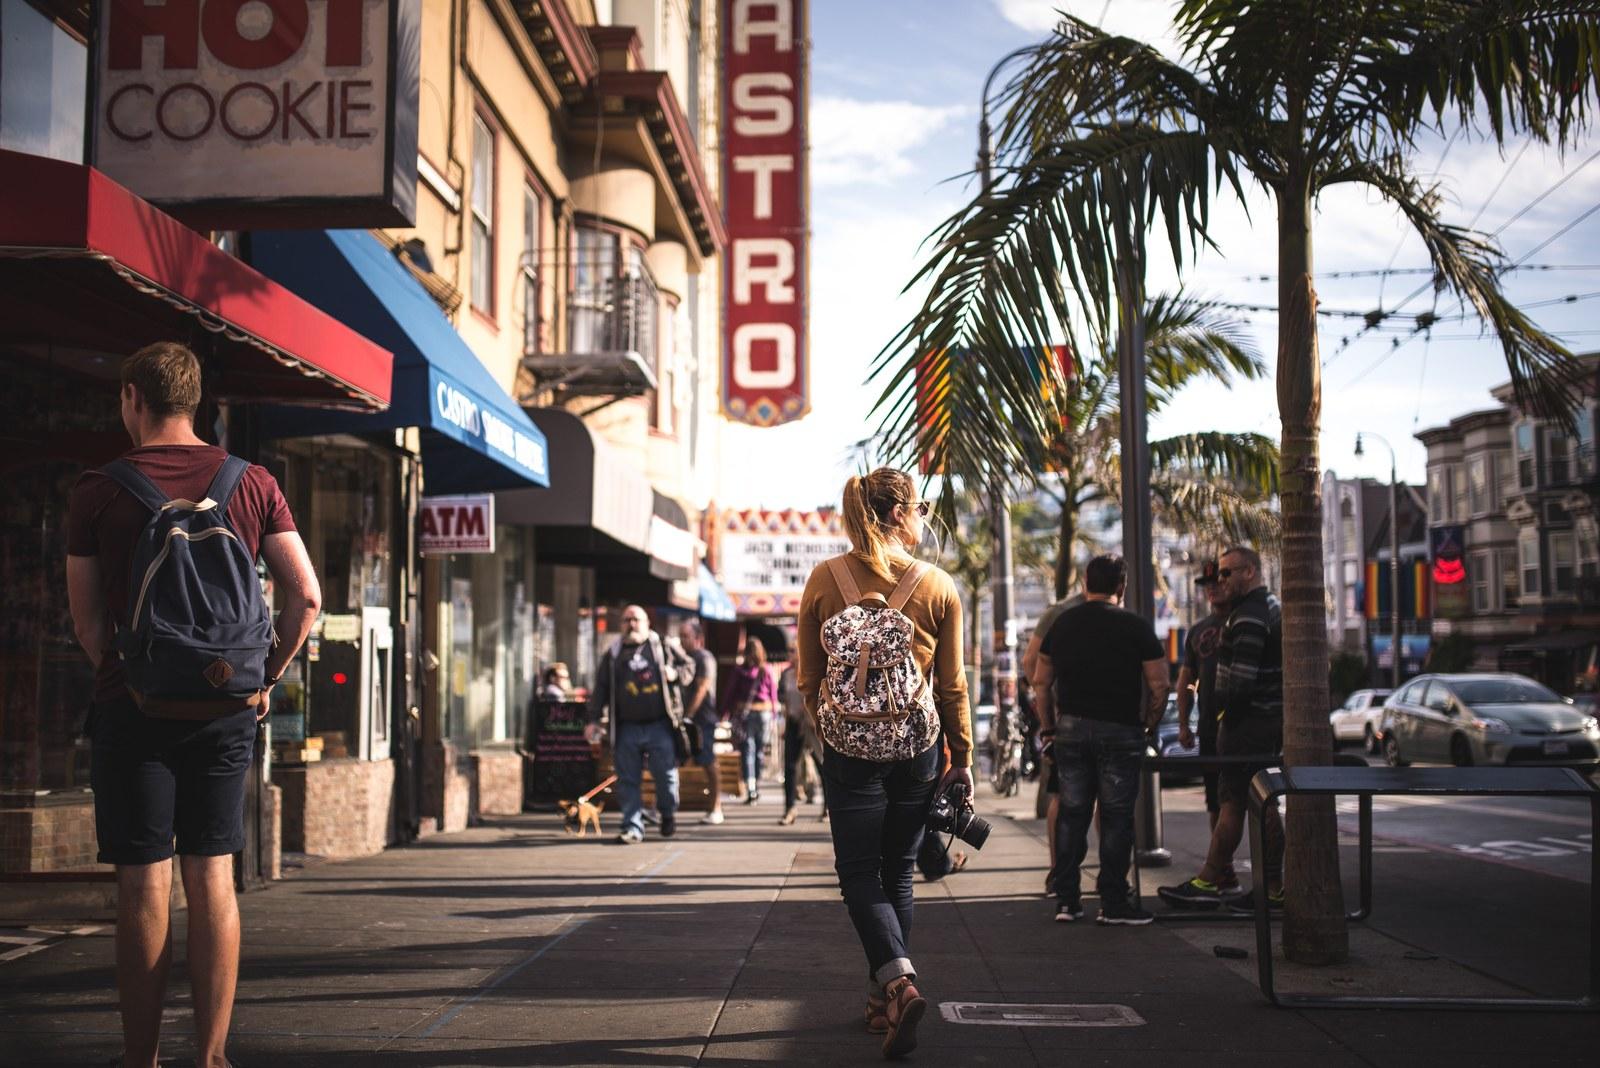 Dans les rues de Castro, quartier gay de SF